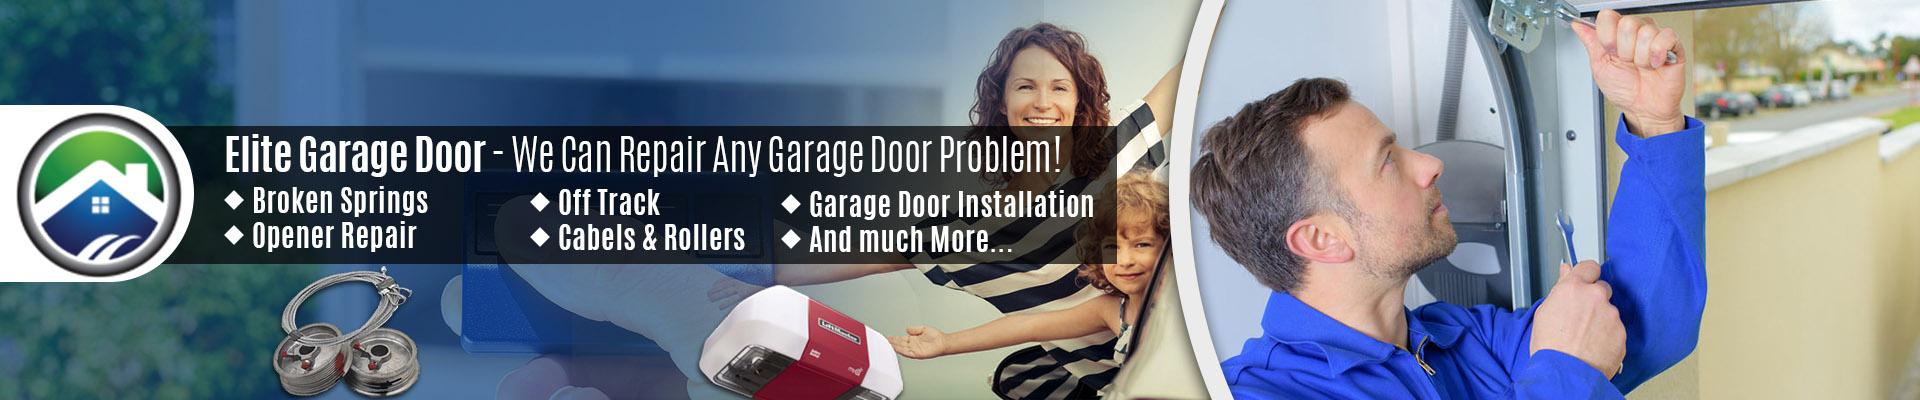 Garage Door Opener Repair By The Elite Tech Services, LLC